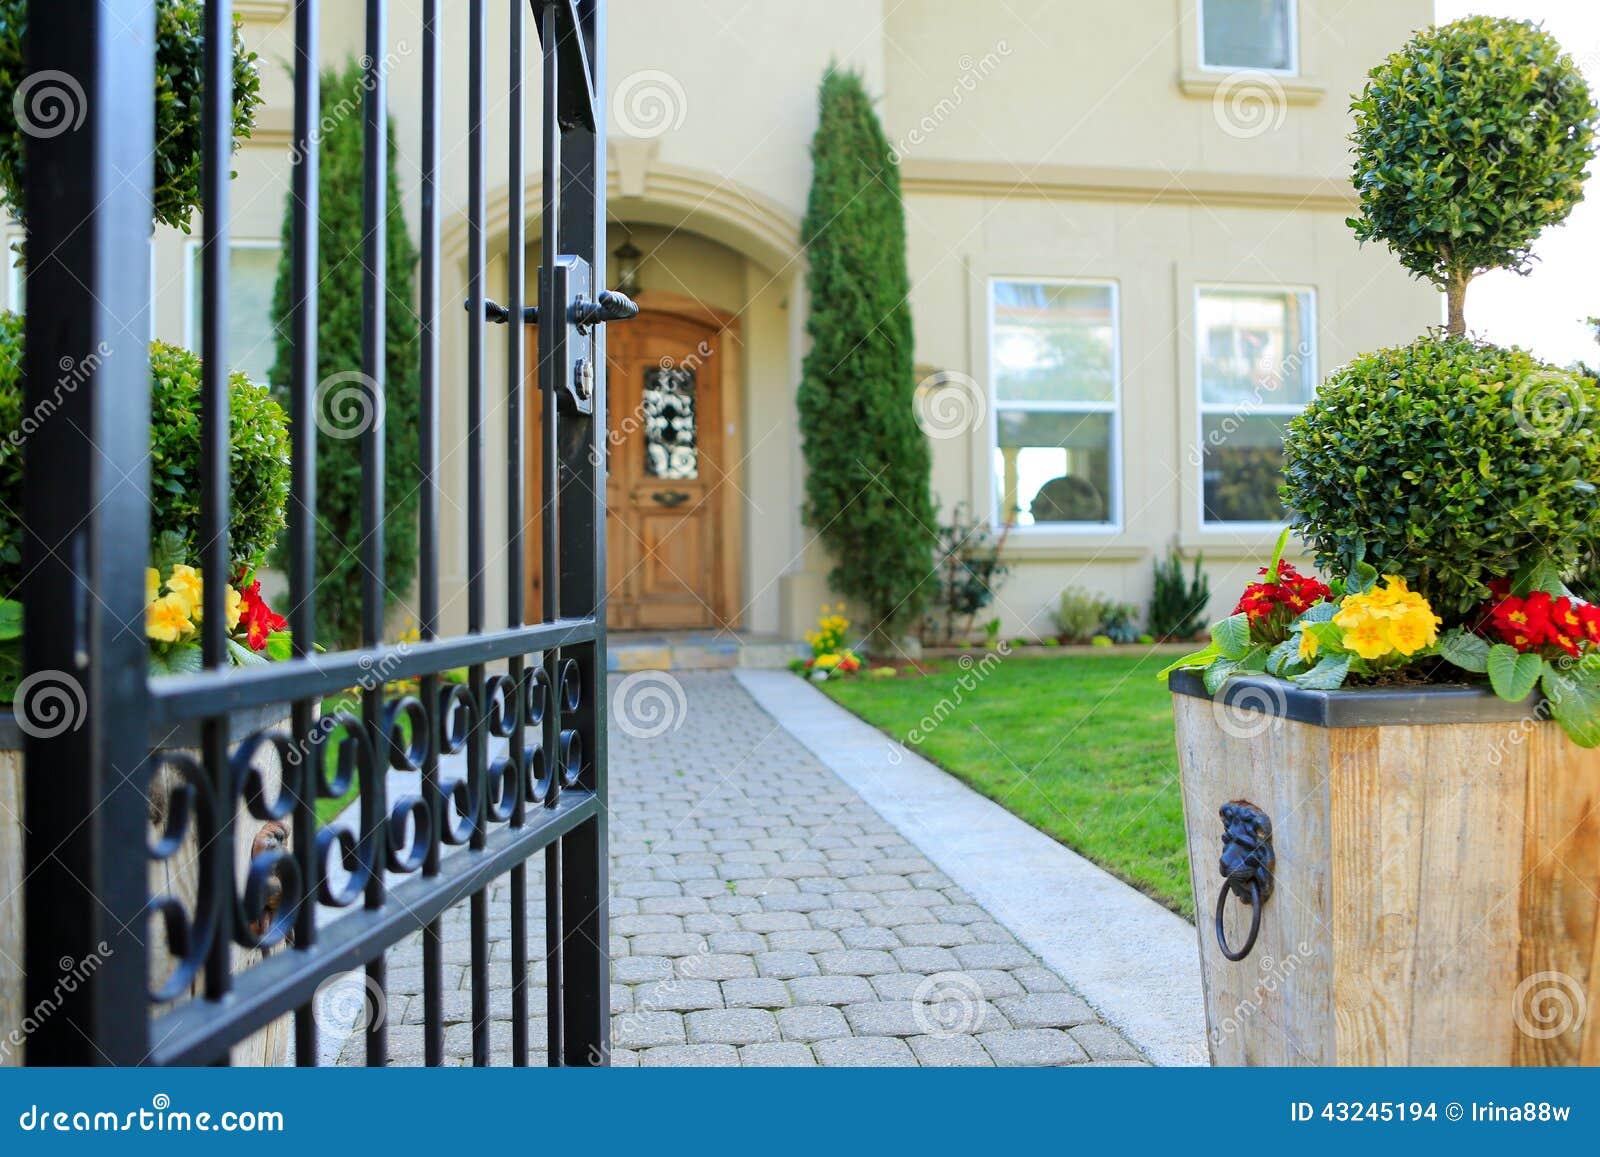 Puerta del hierro labrado de la entrada a la casa de lujo for Piscina puerta del hierro